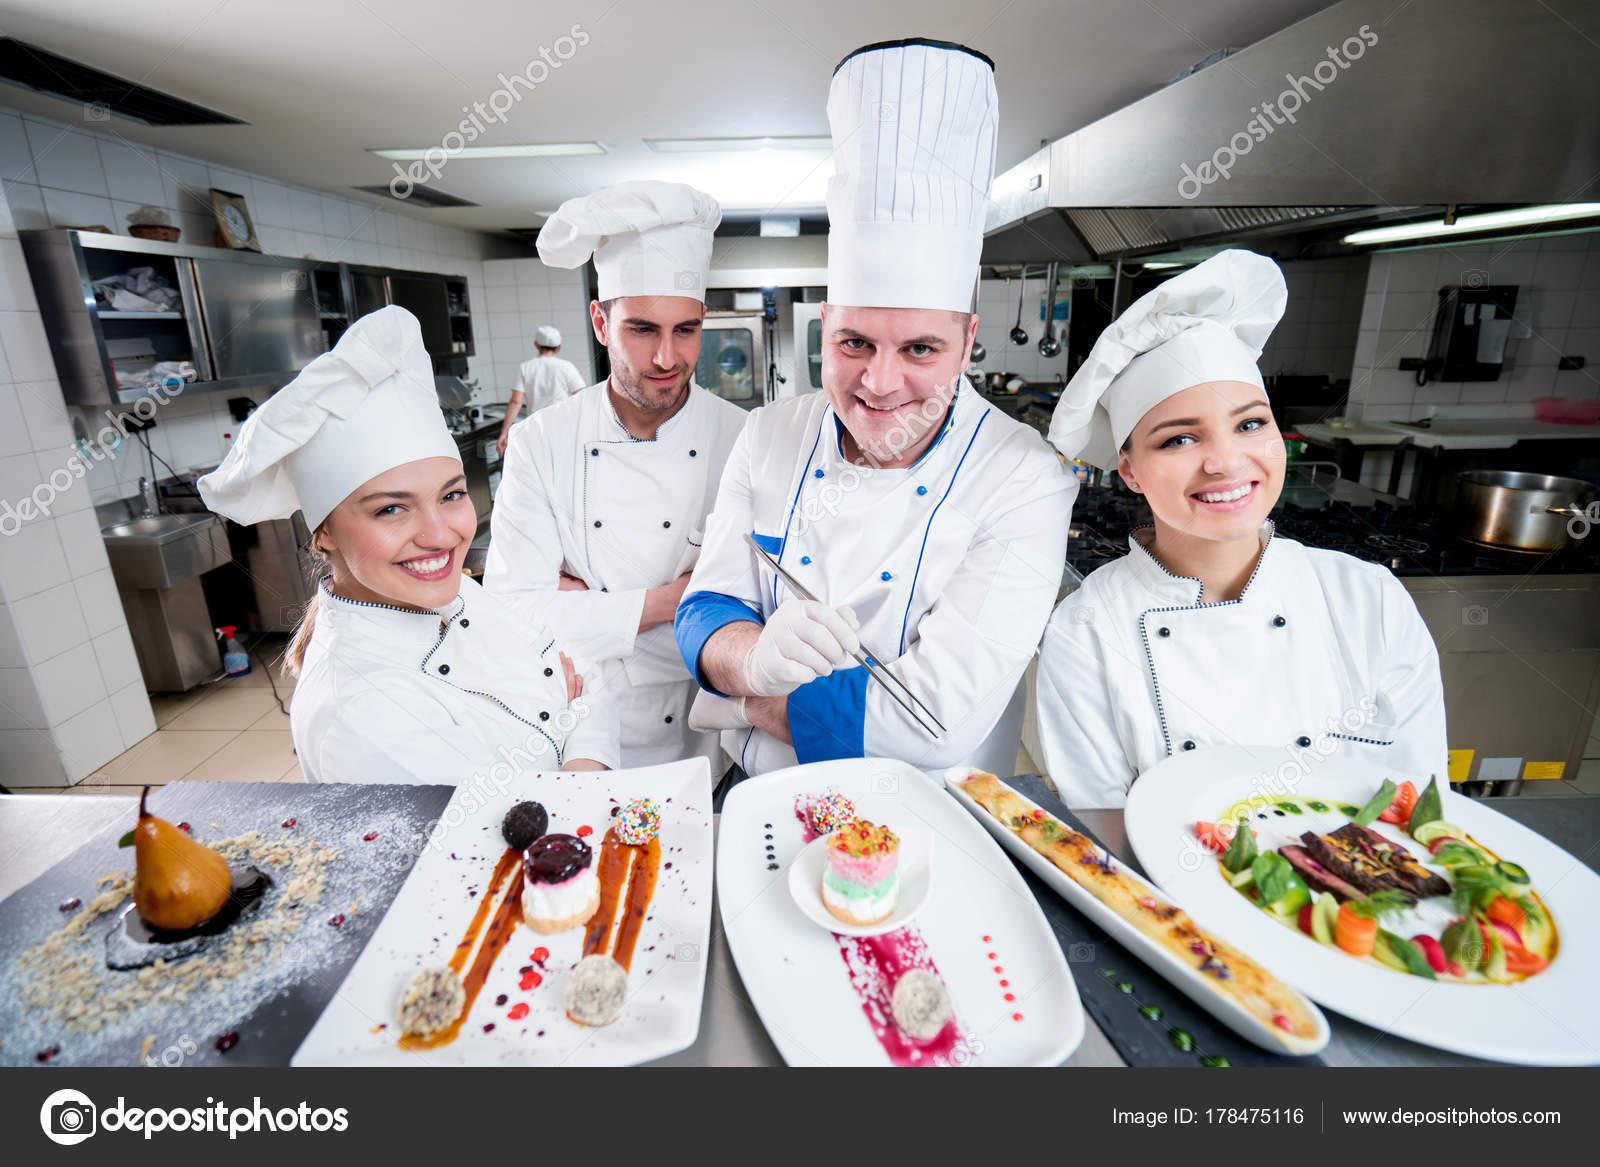 Chef Cocina Con Los Jóvenes Aprendices Haciendo Desiertosu2013 Imagen De Stock